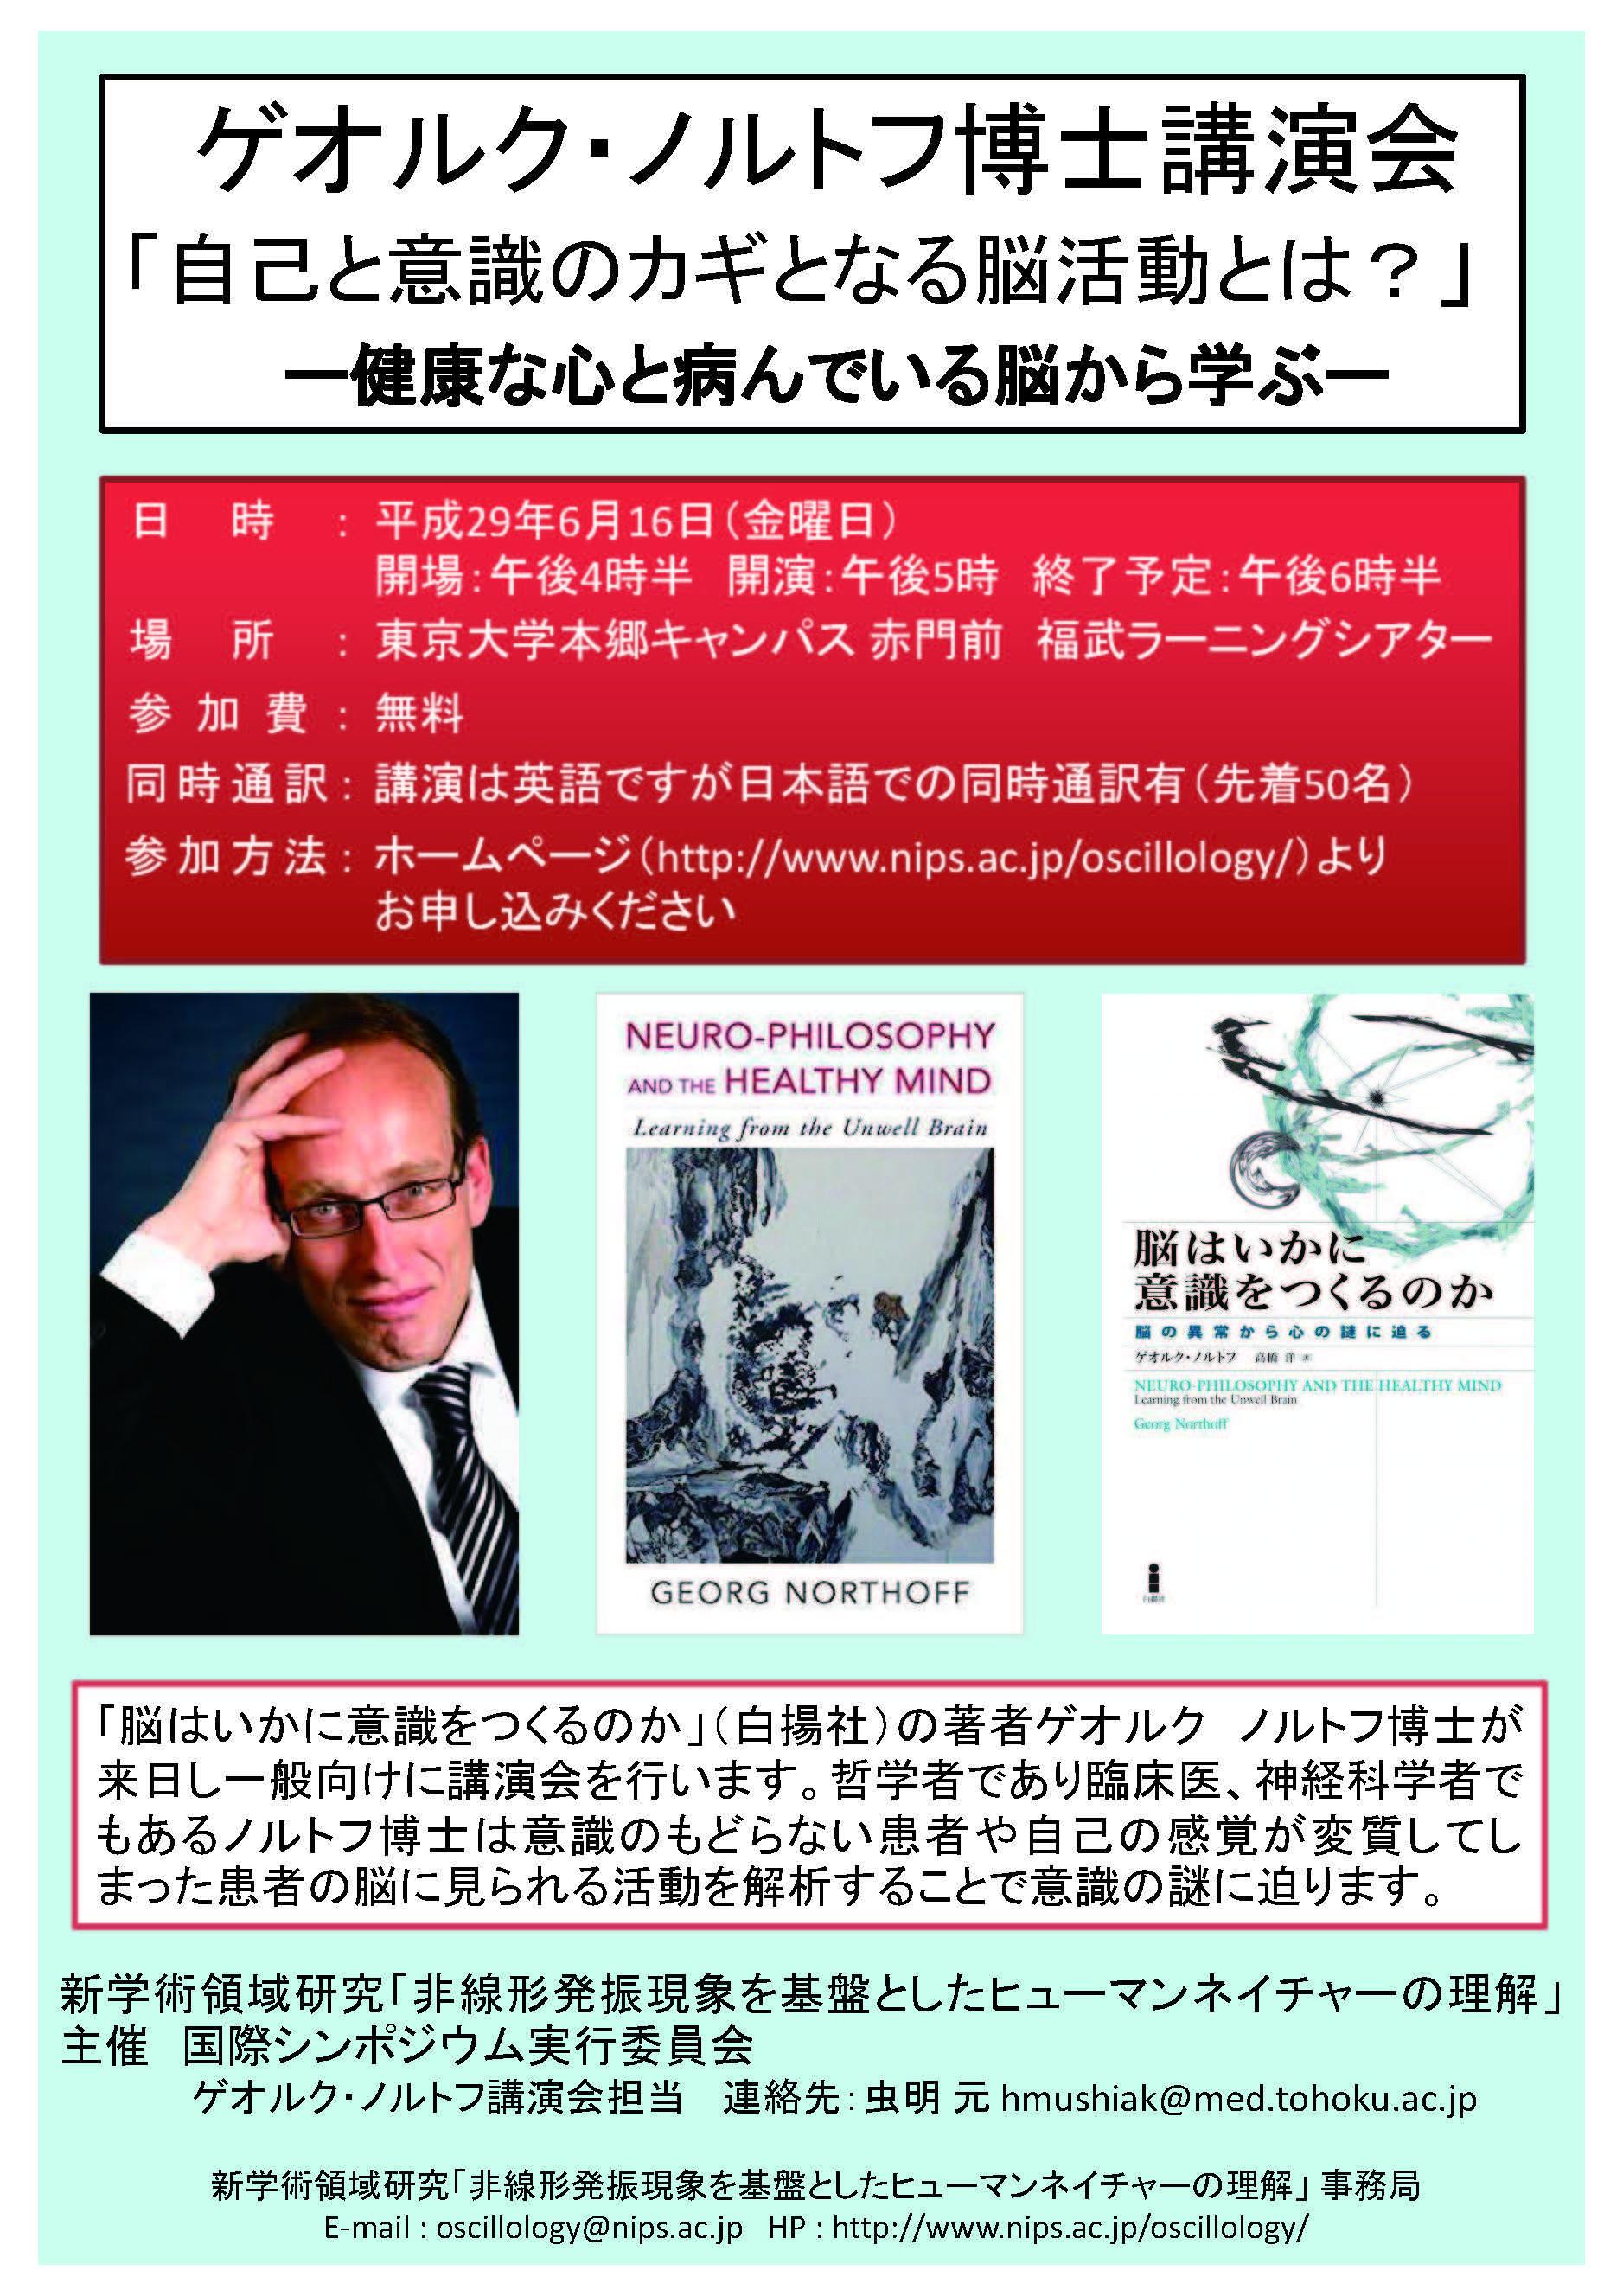 ゲオルク・ノルトフ博士講演会.jpg